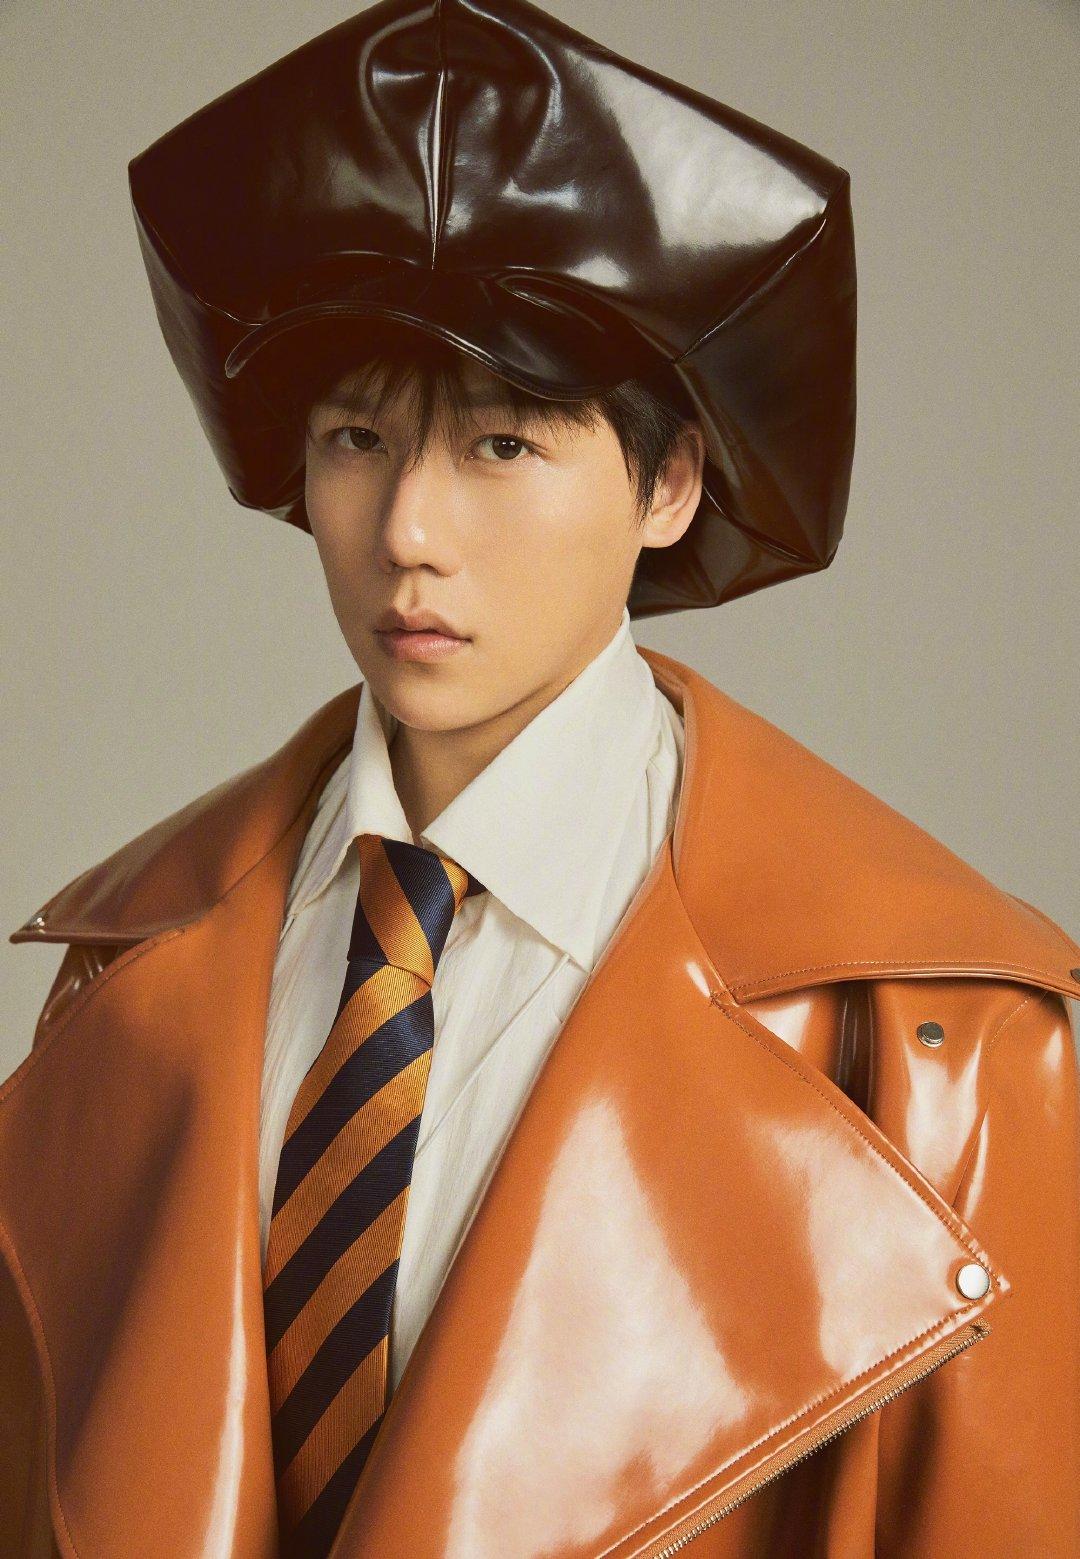 刘维最新写真,黑色六边形漆皮贝雷帽吸睛十足,这也太显脸小了吧~